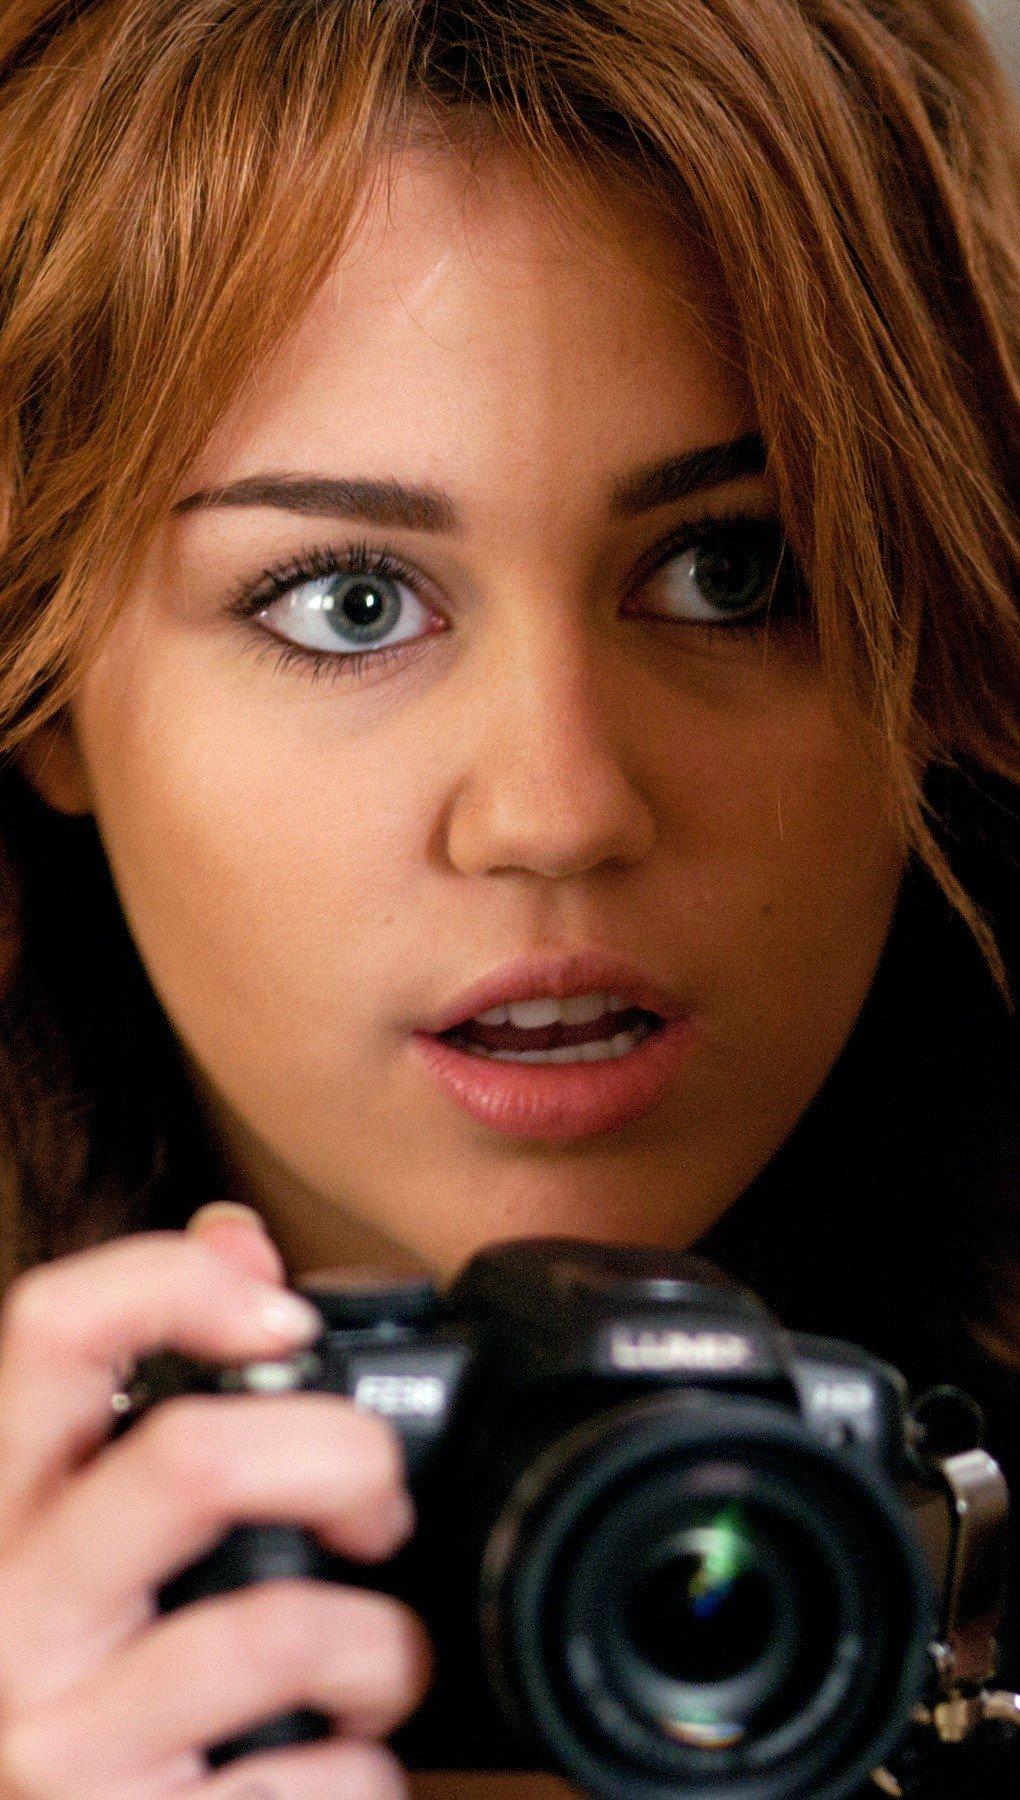 Fondos de pantalla Miley cyrus en Peligrosamente infiltrada Vertical